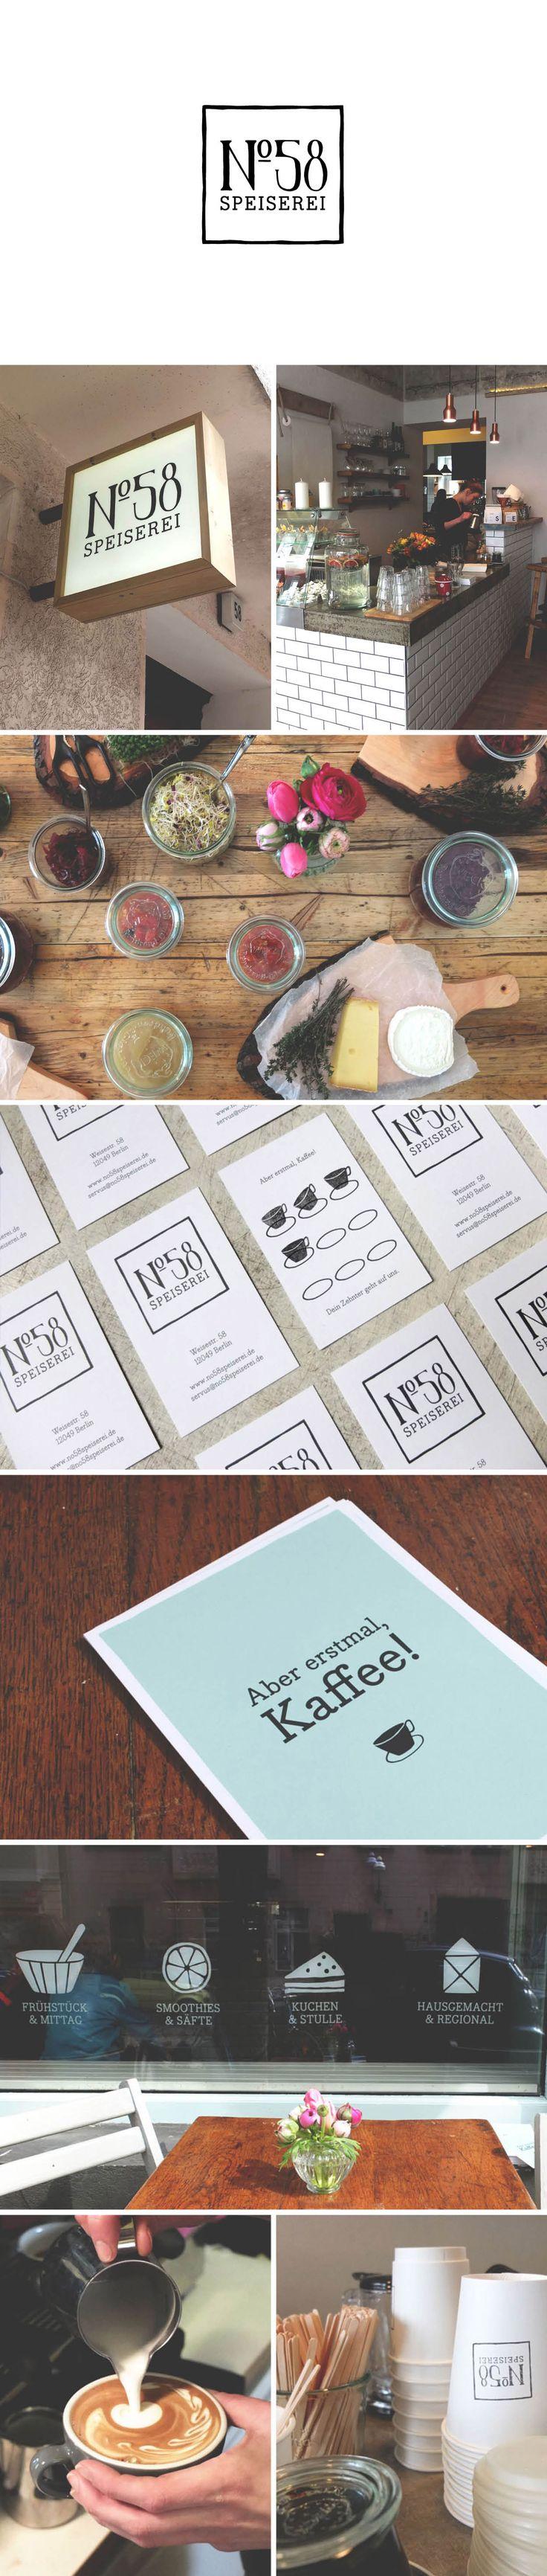 Branding by Farina Kuklinski for 'N°58 Speiserei' #identity #branding